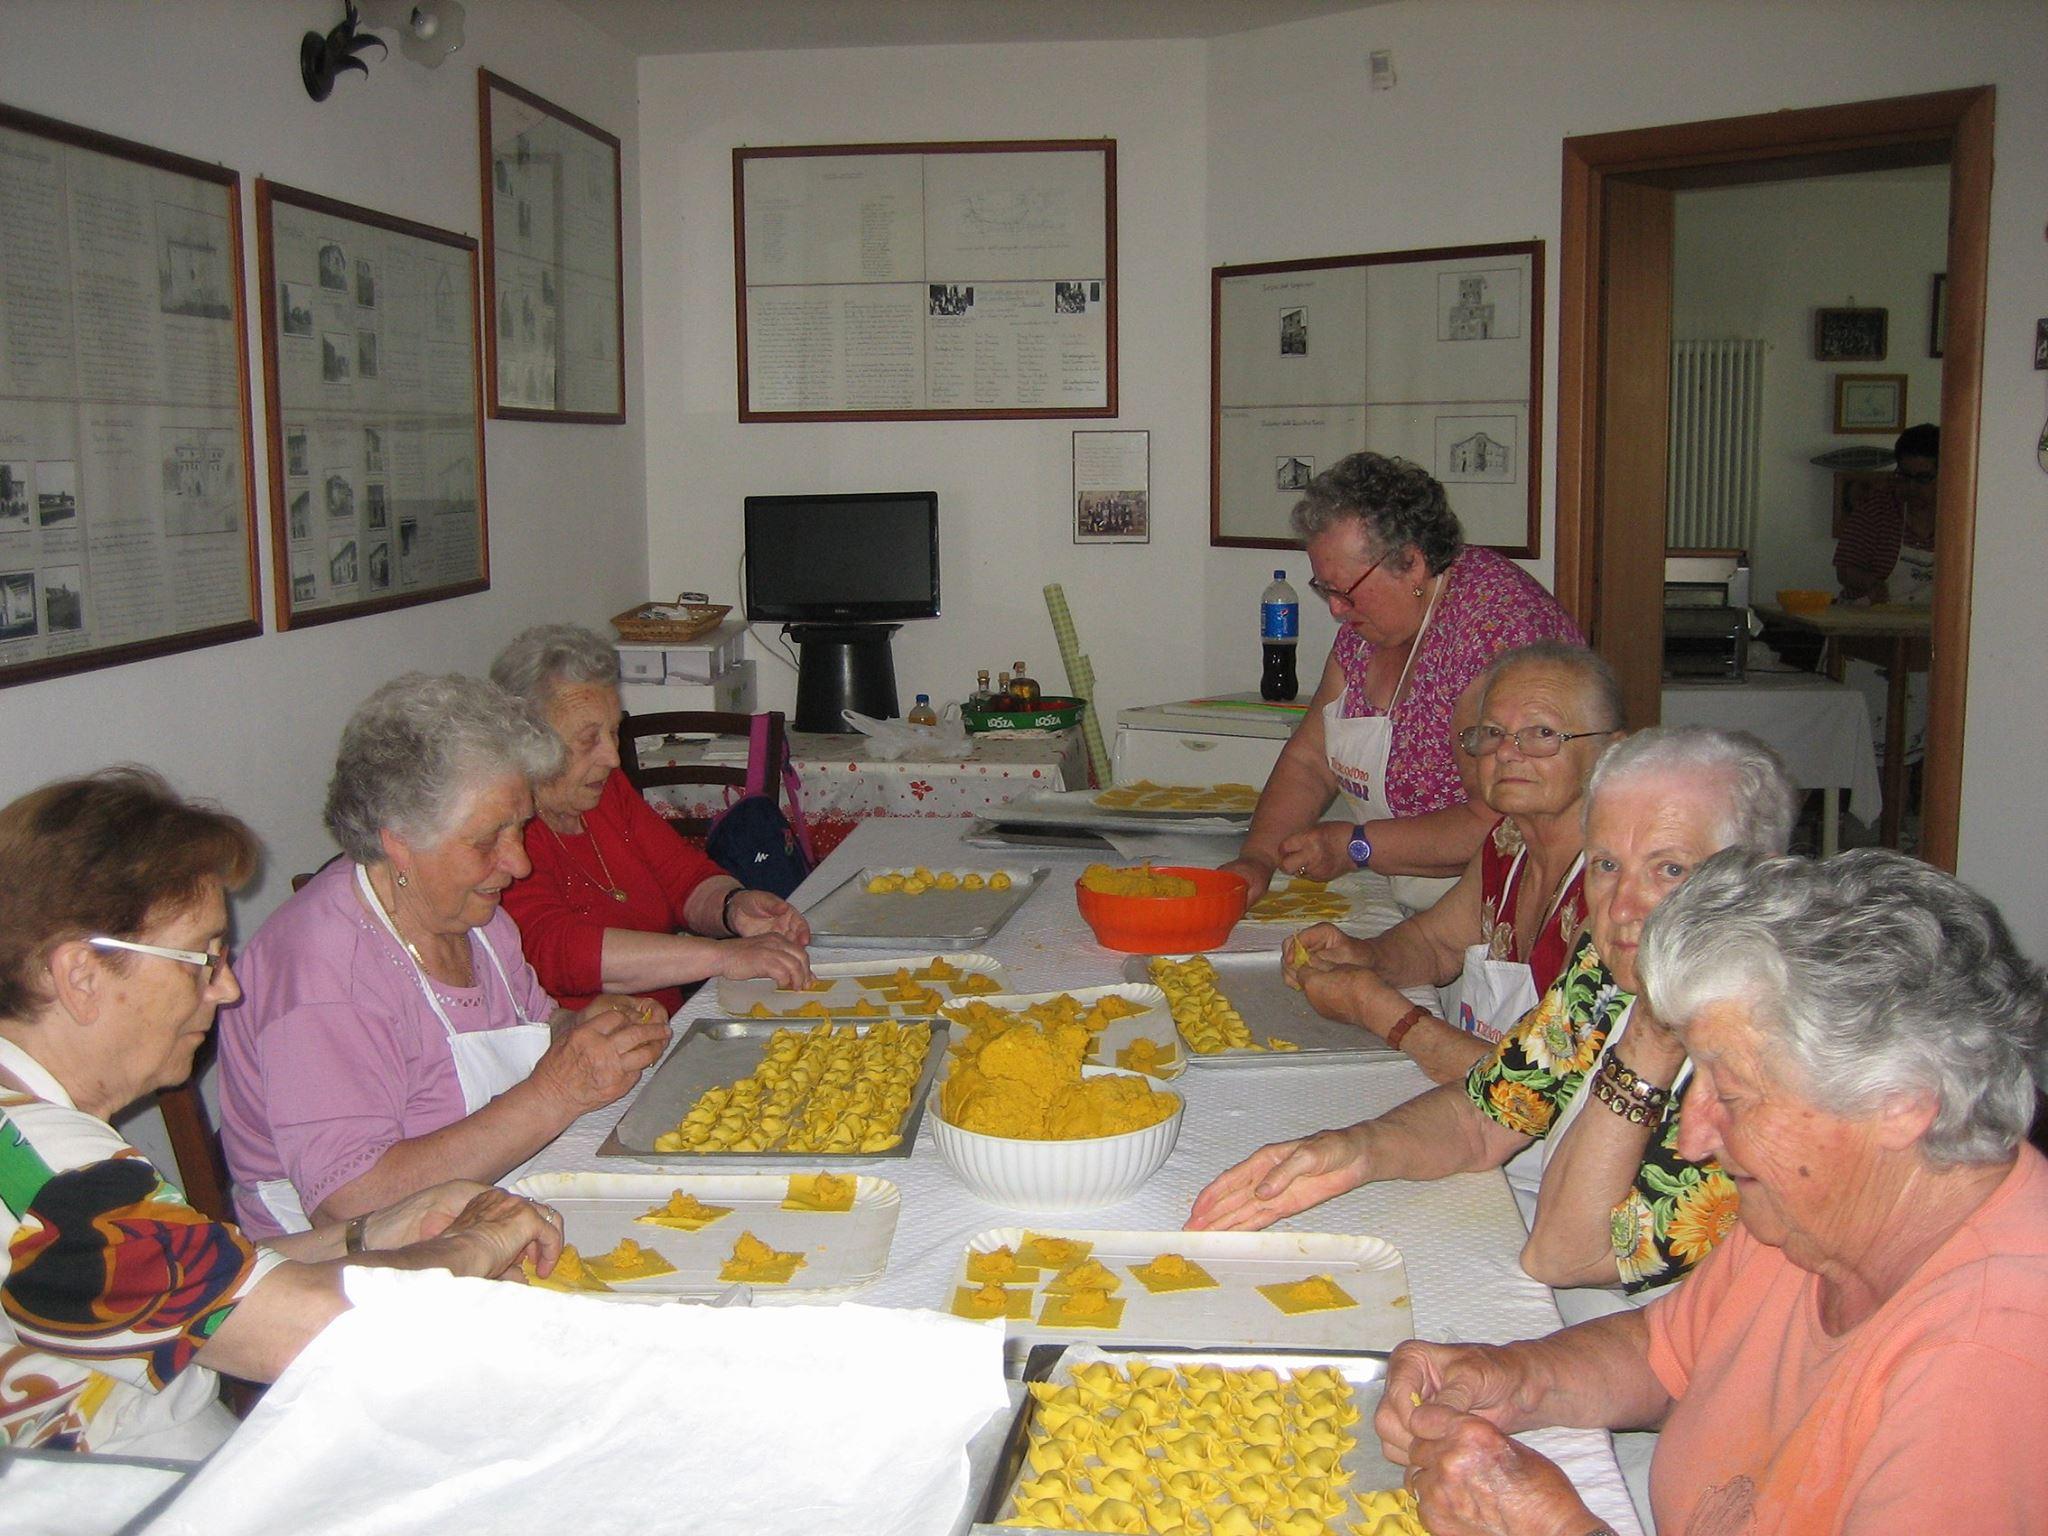 Le nostre arzdore infaticabili e bravissime: oggi le nostre nonne, li fanno come li facevano le loro nonne...